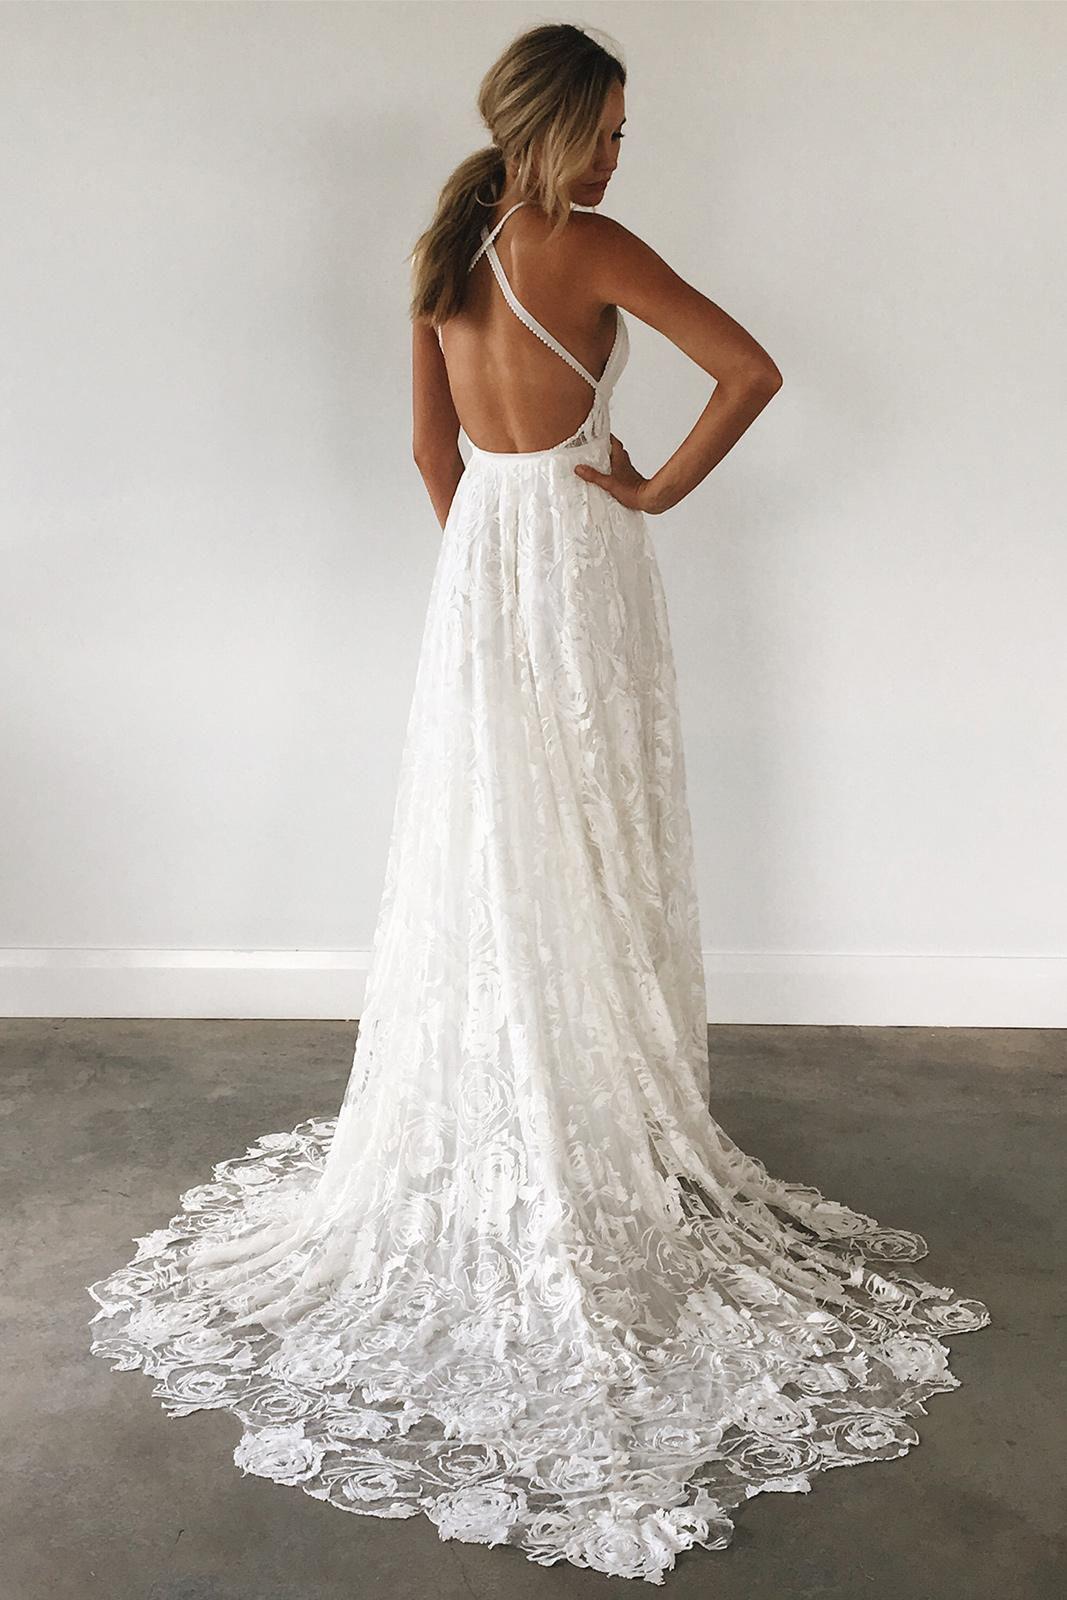 A Line Straps White Lace Long Wedding Dress With Criss Cross Back Boho Wedding Dress Lace Lace Beach Wedding Dress Ivory Wedding Dress